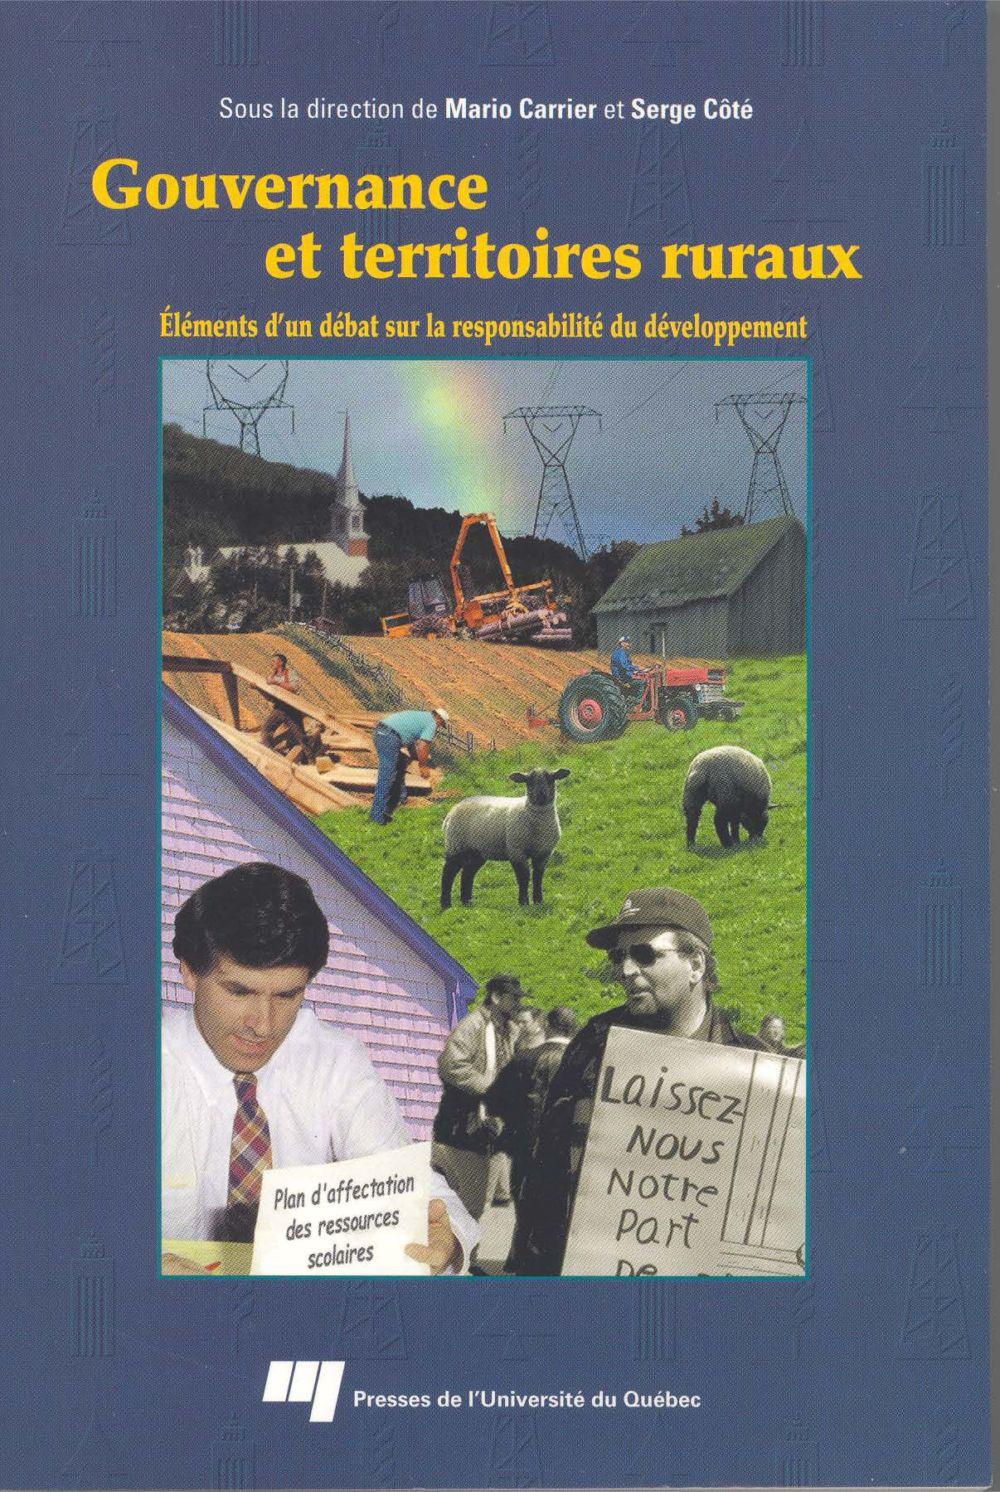 Gouvernance et territoires ruraux